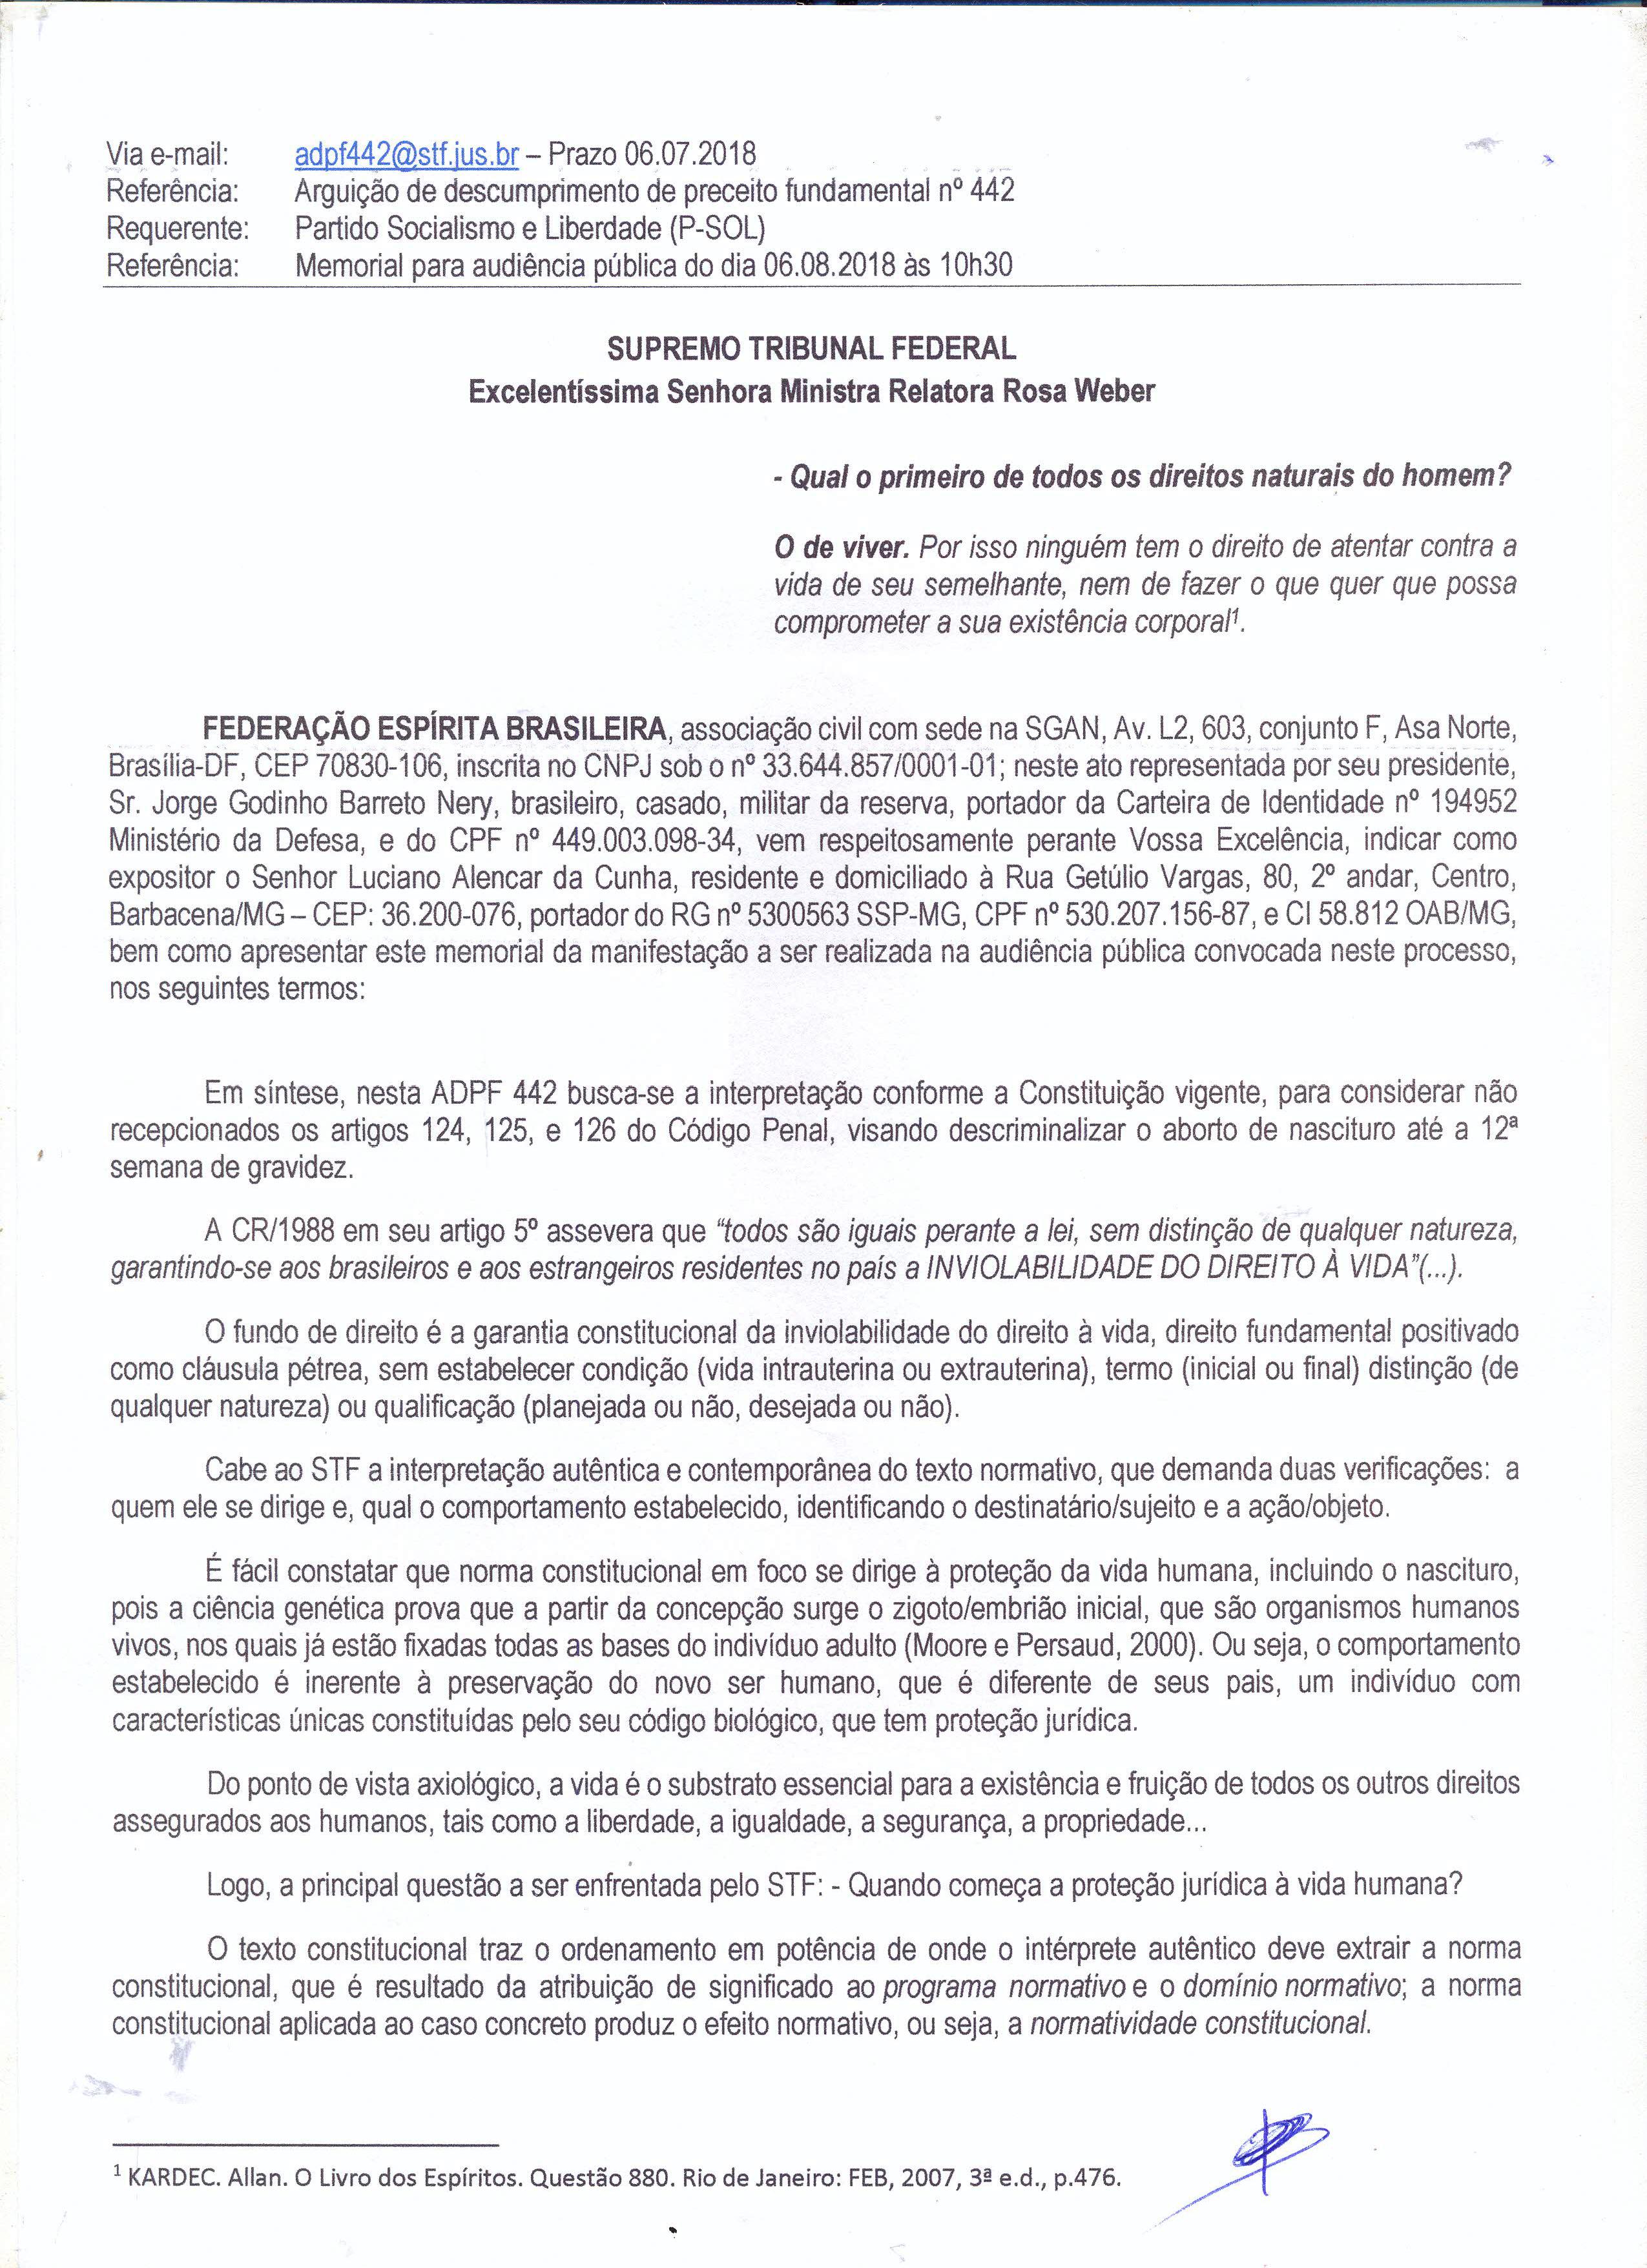 Memorial ADPF 442 - Audiência Pública - Federação Espírita Brasileira-1